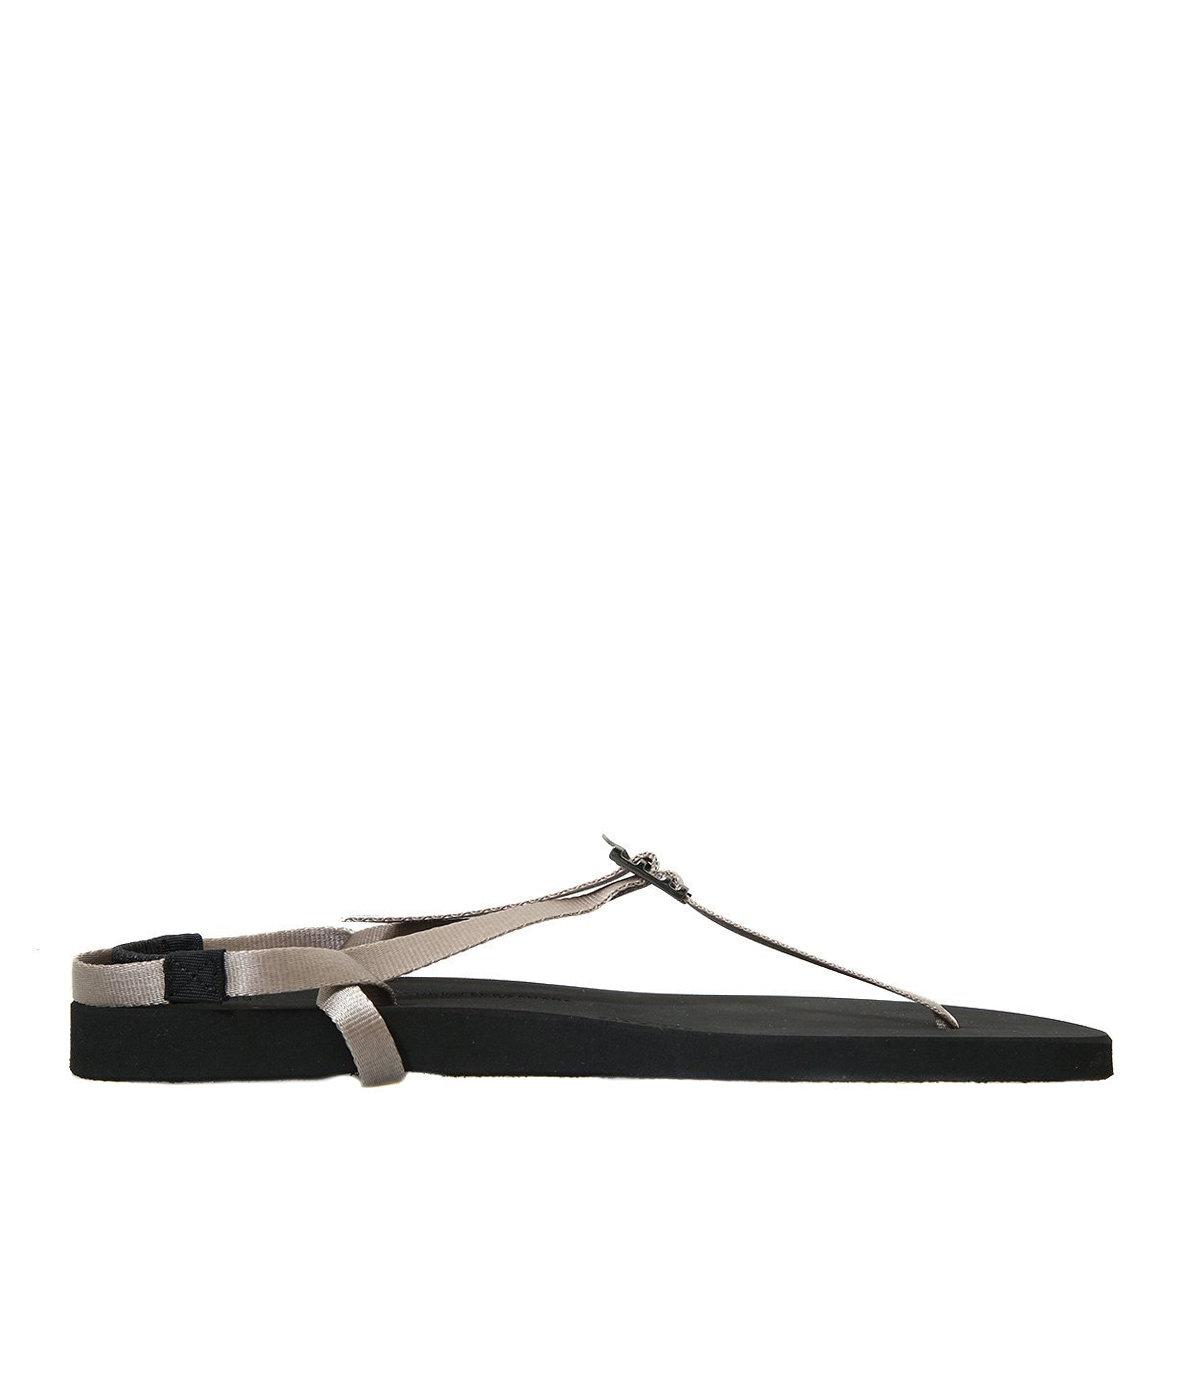 【予約】【レディース】BAREFOOT SANDALS (THICK SOLE)